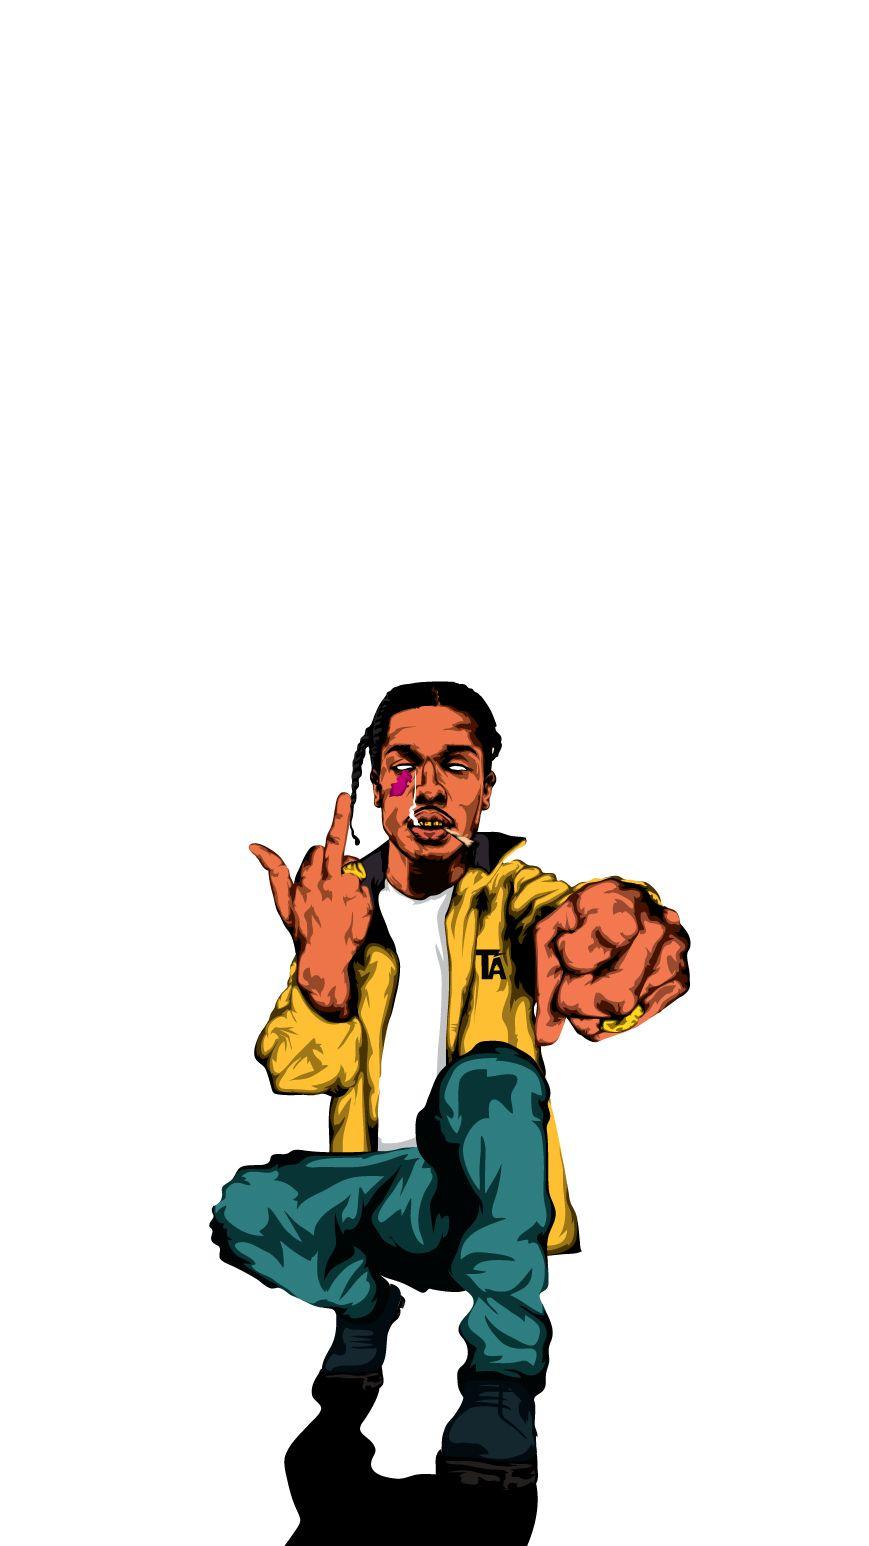 Asap Rocky X ART✌️